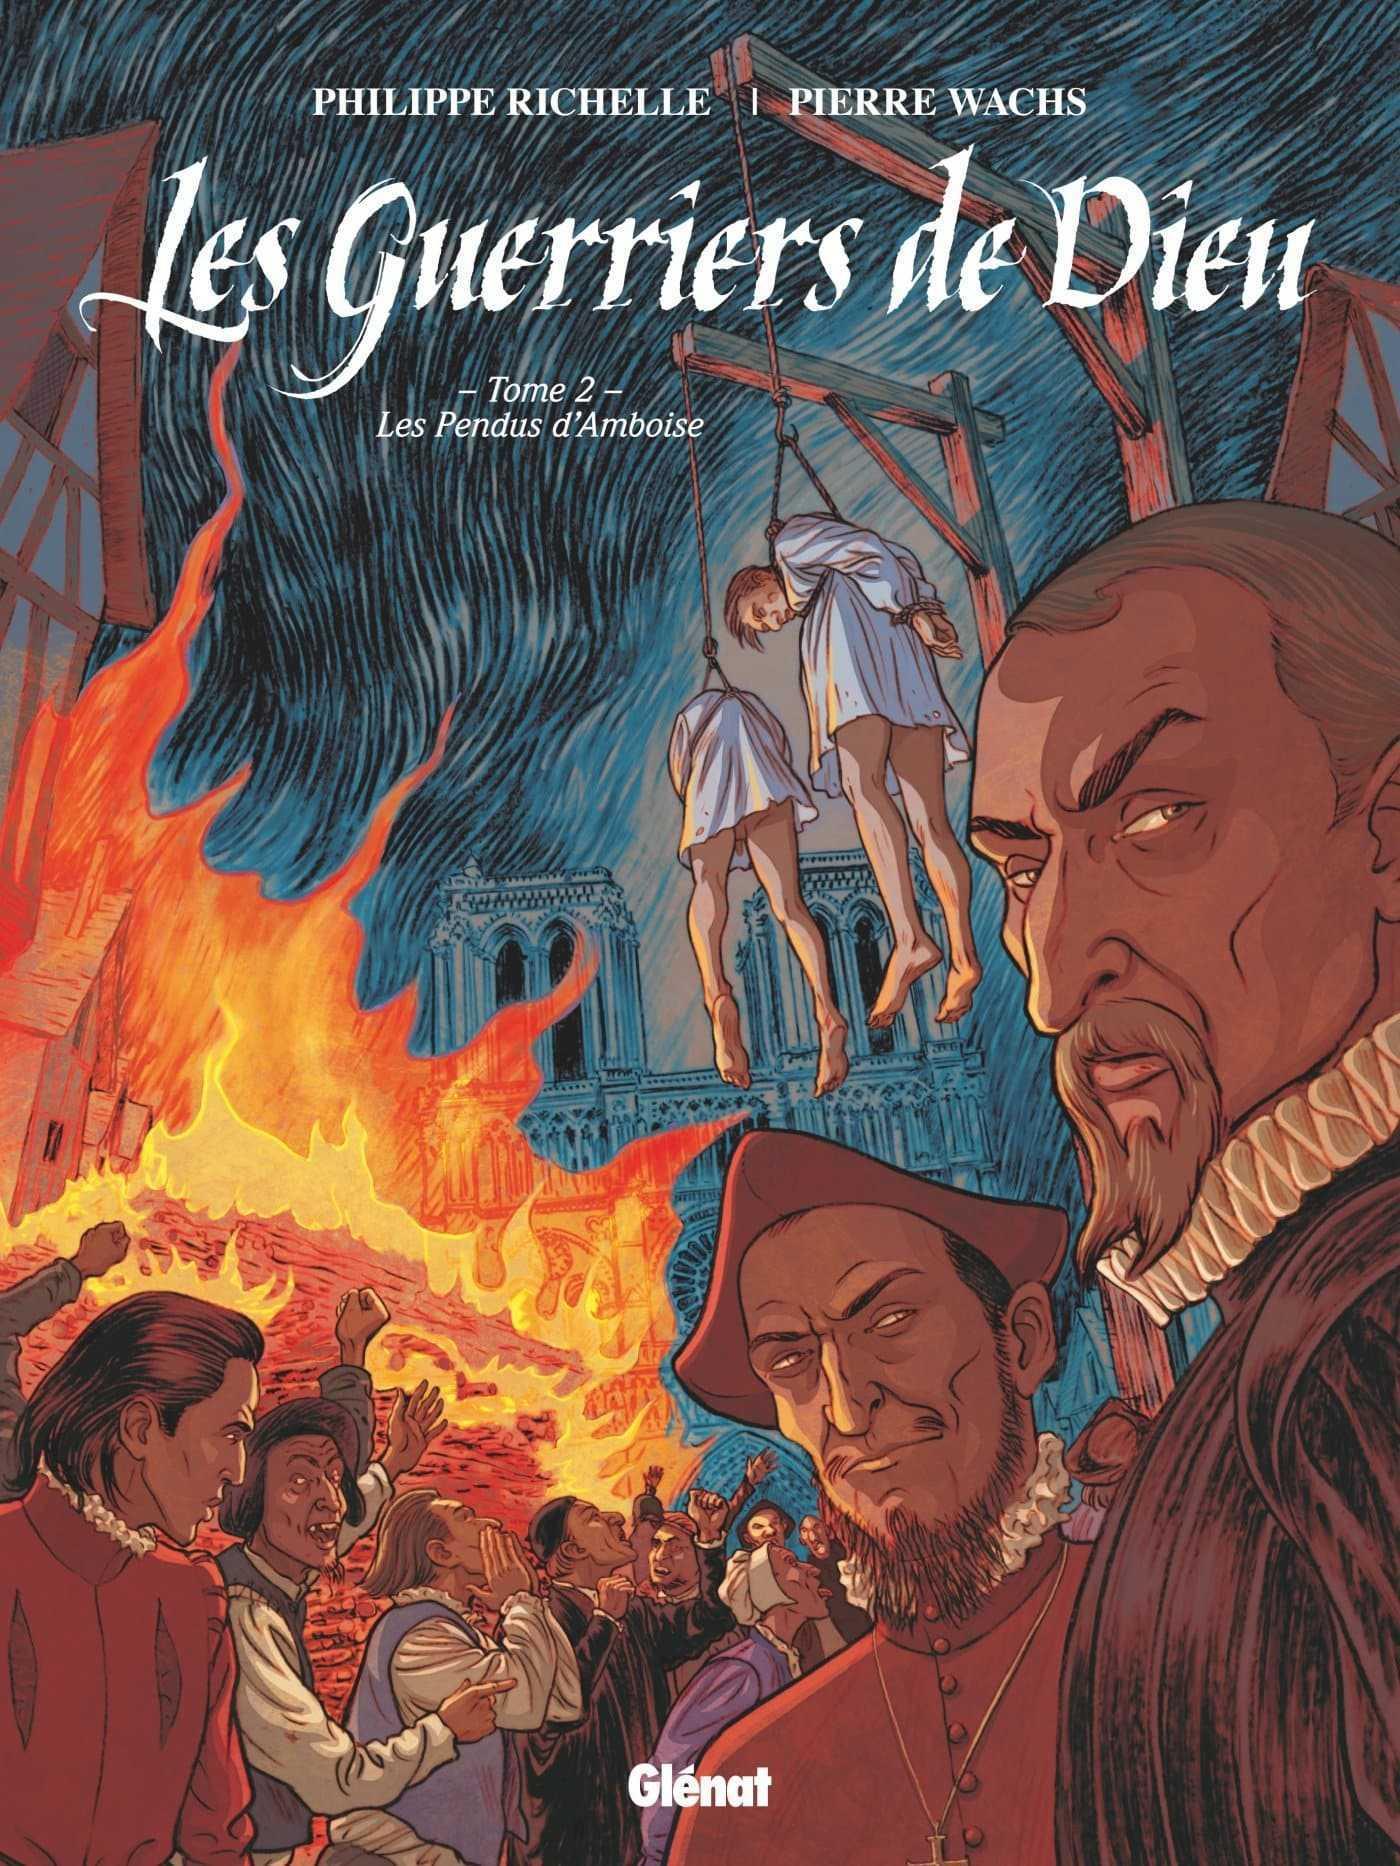 """Les Guerriers de Dieu, Pierre Wachs doit """"rendre authentique ce que va voir le lecteur"""""""